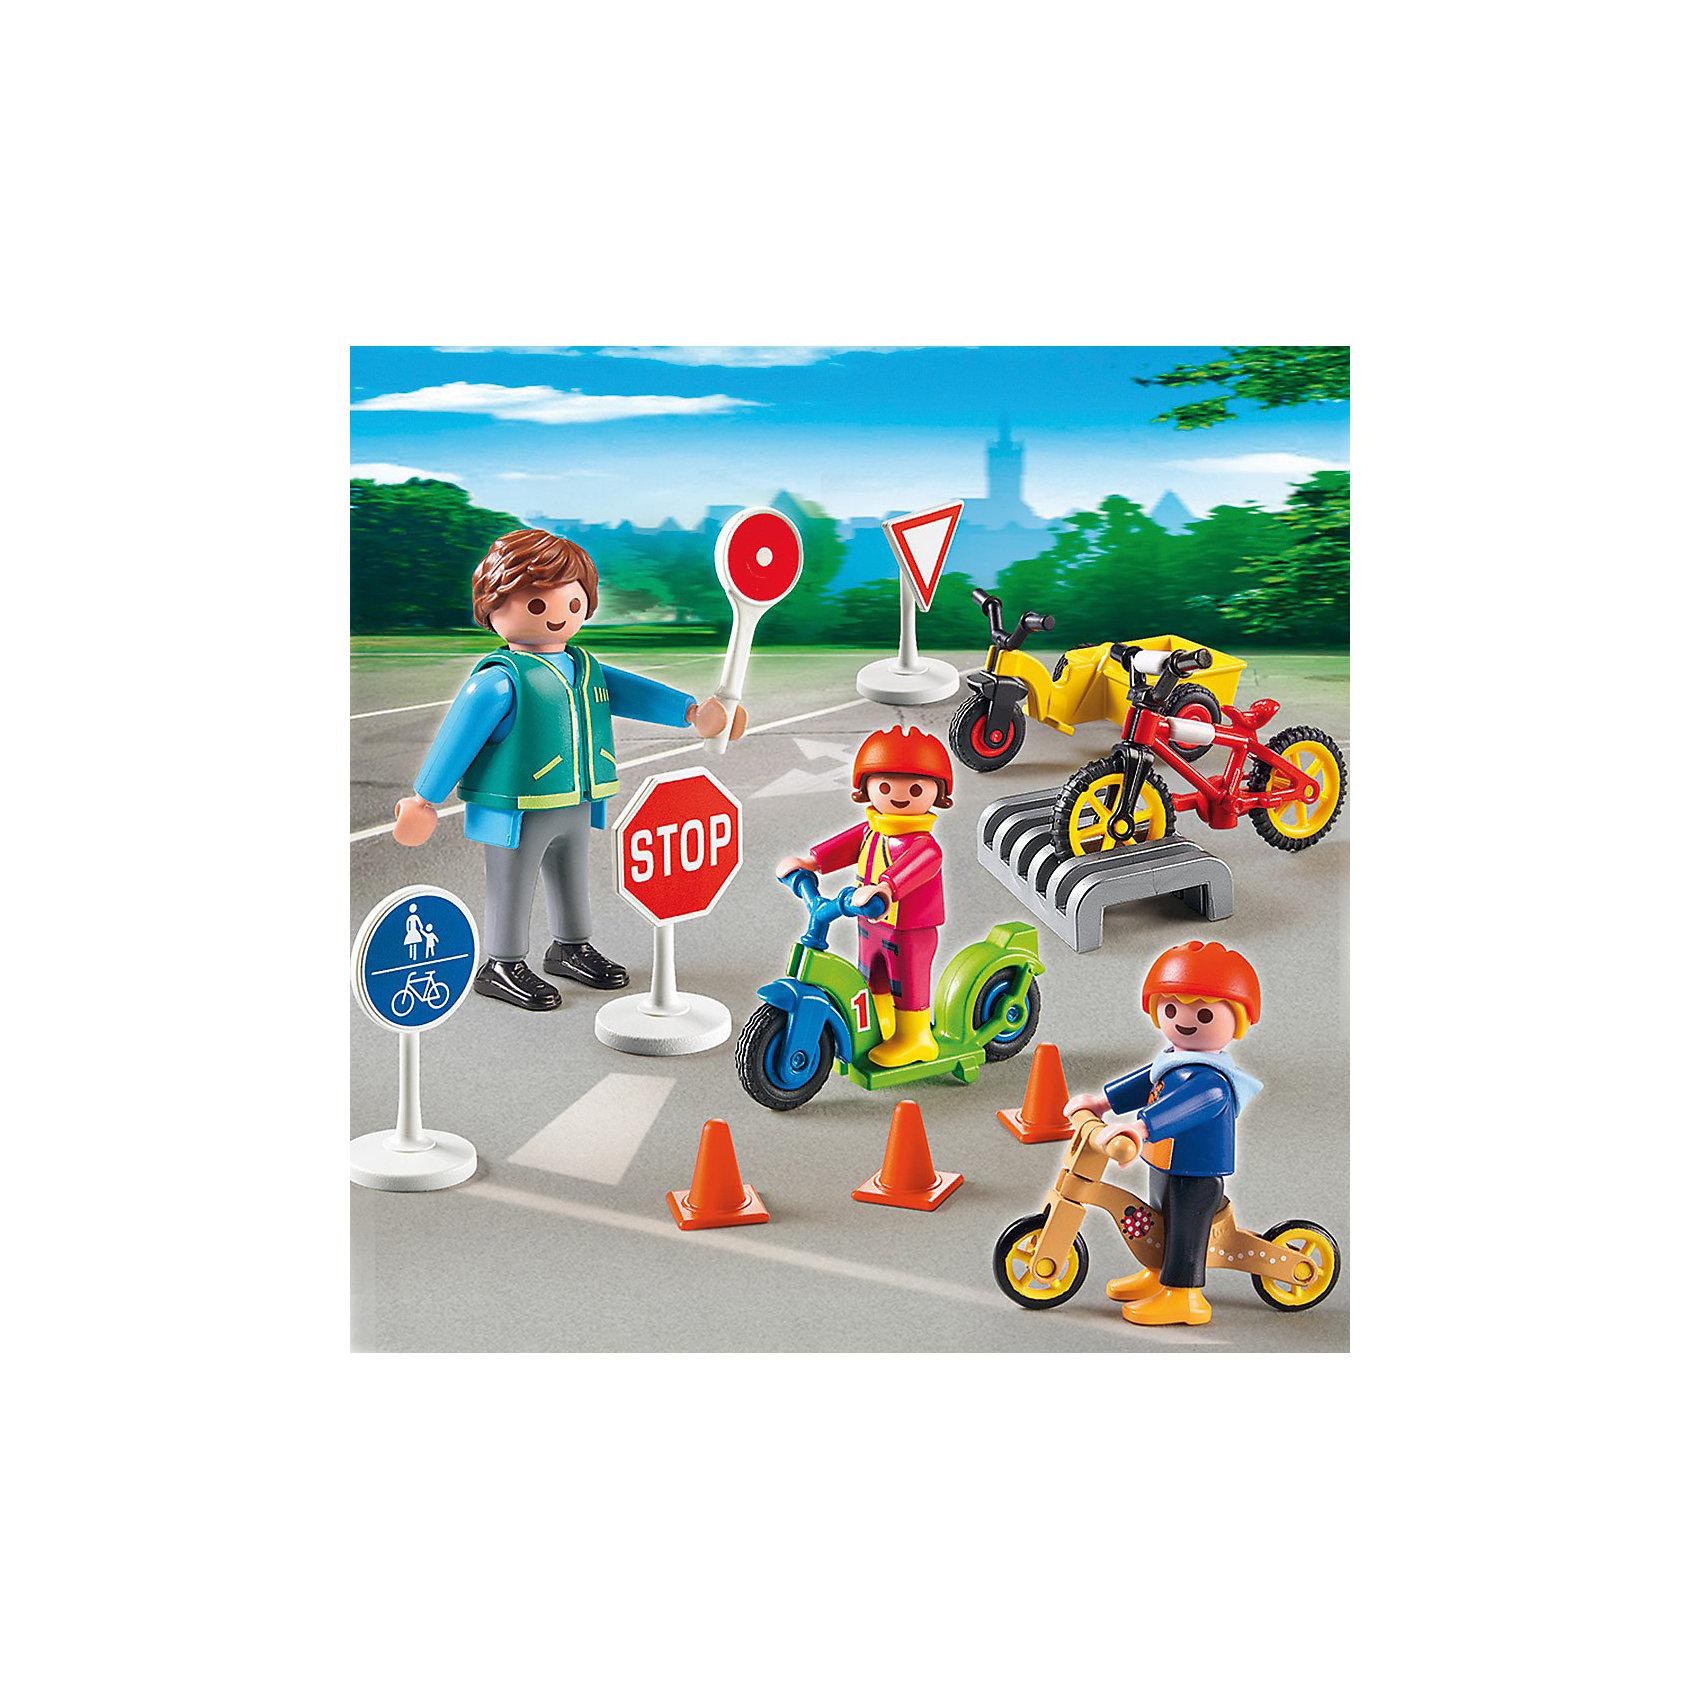 PLAYMOBIL® Дети с воспитателем по ПДД, PLAYMOBIL плакаты и макеты по правилам дорожного движения где купить в спб